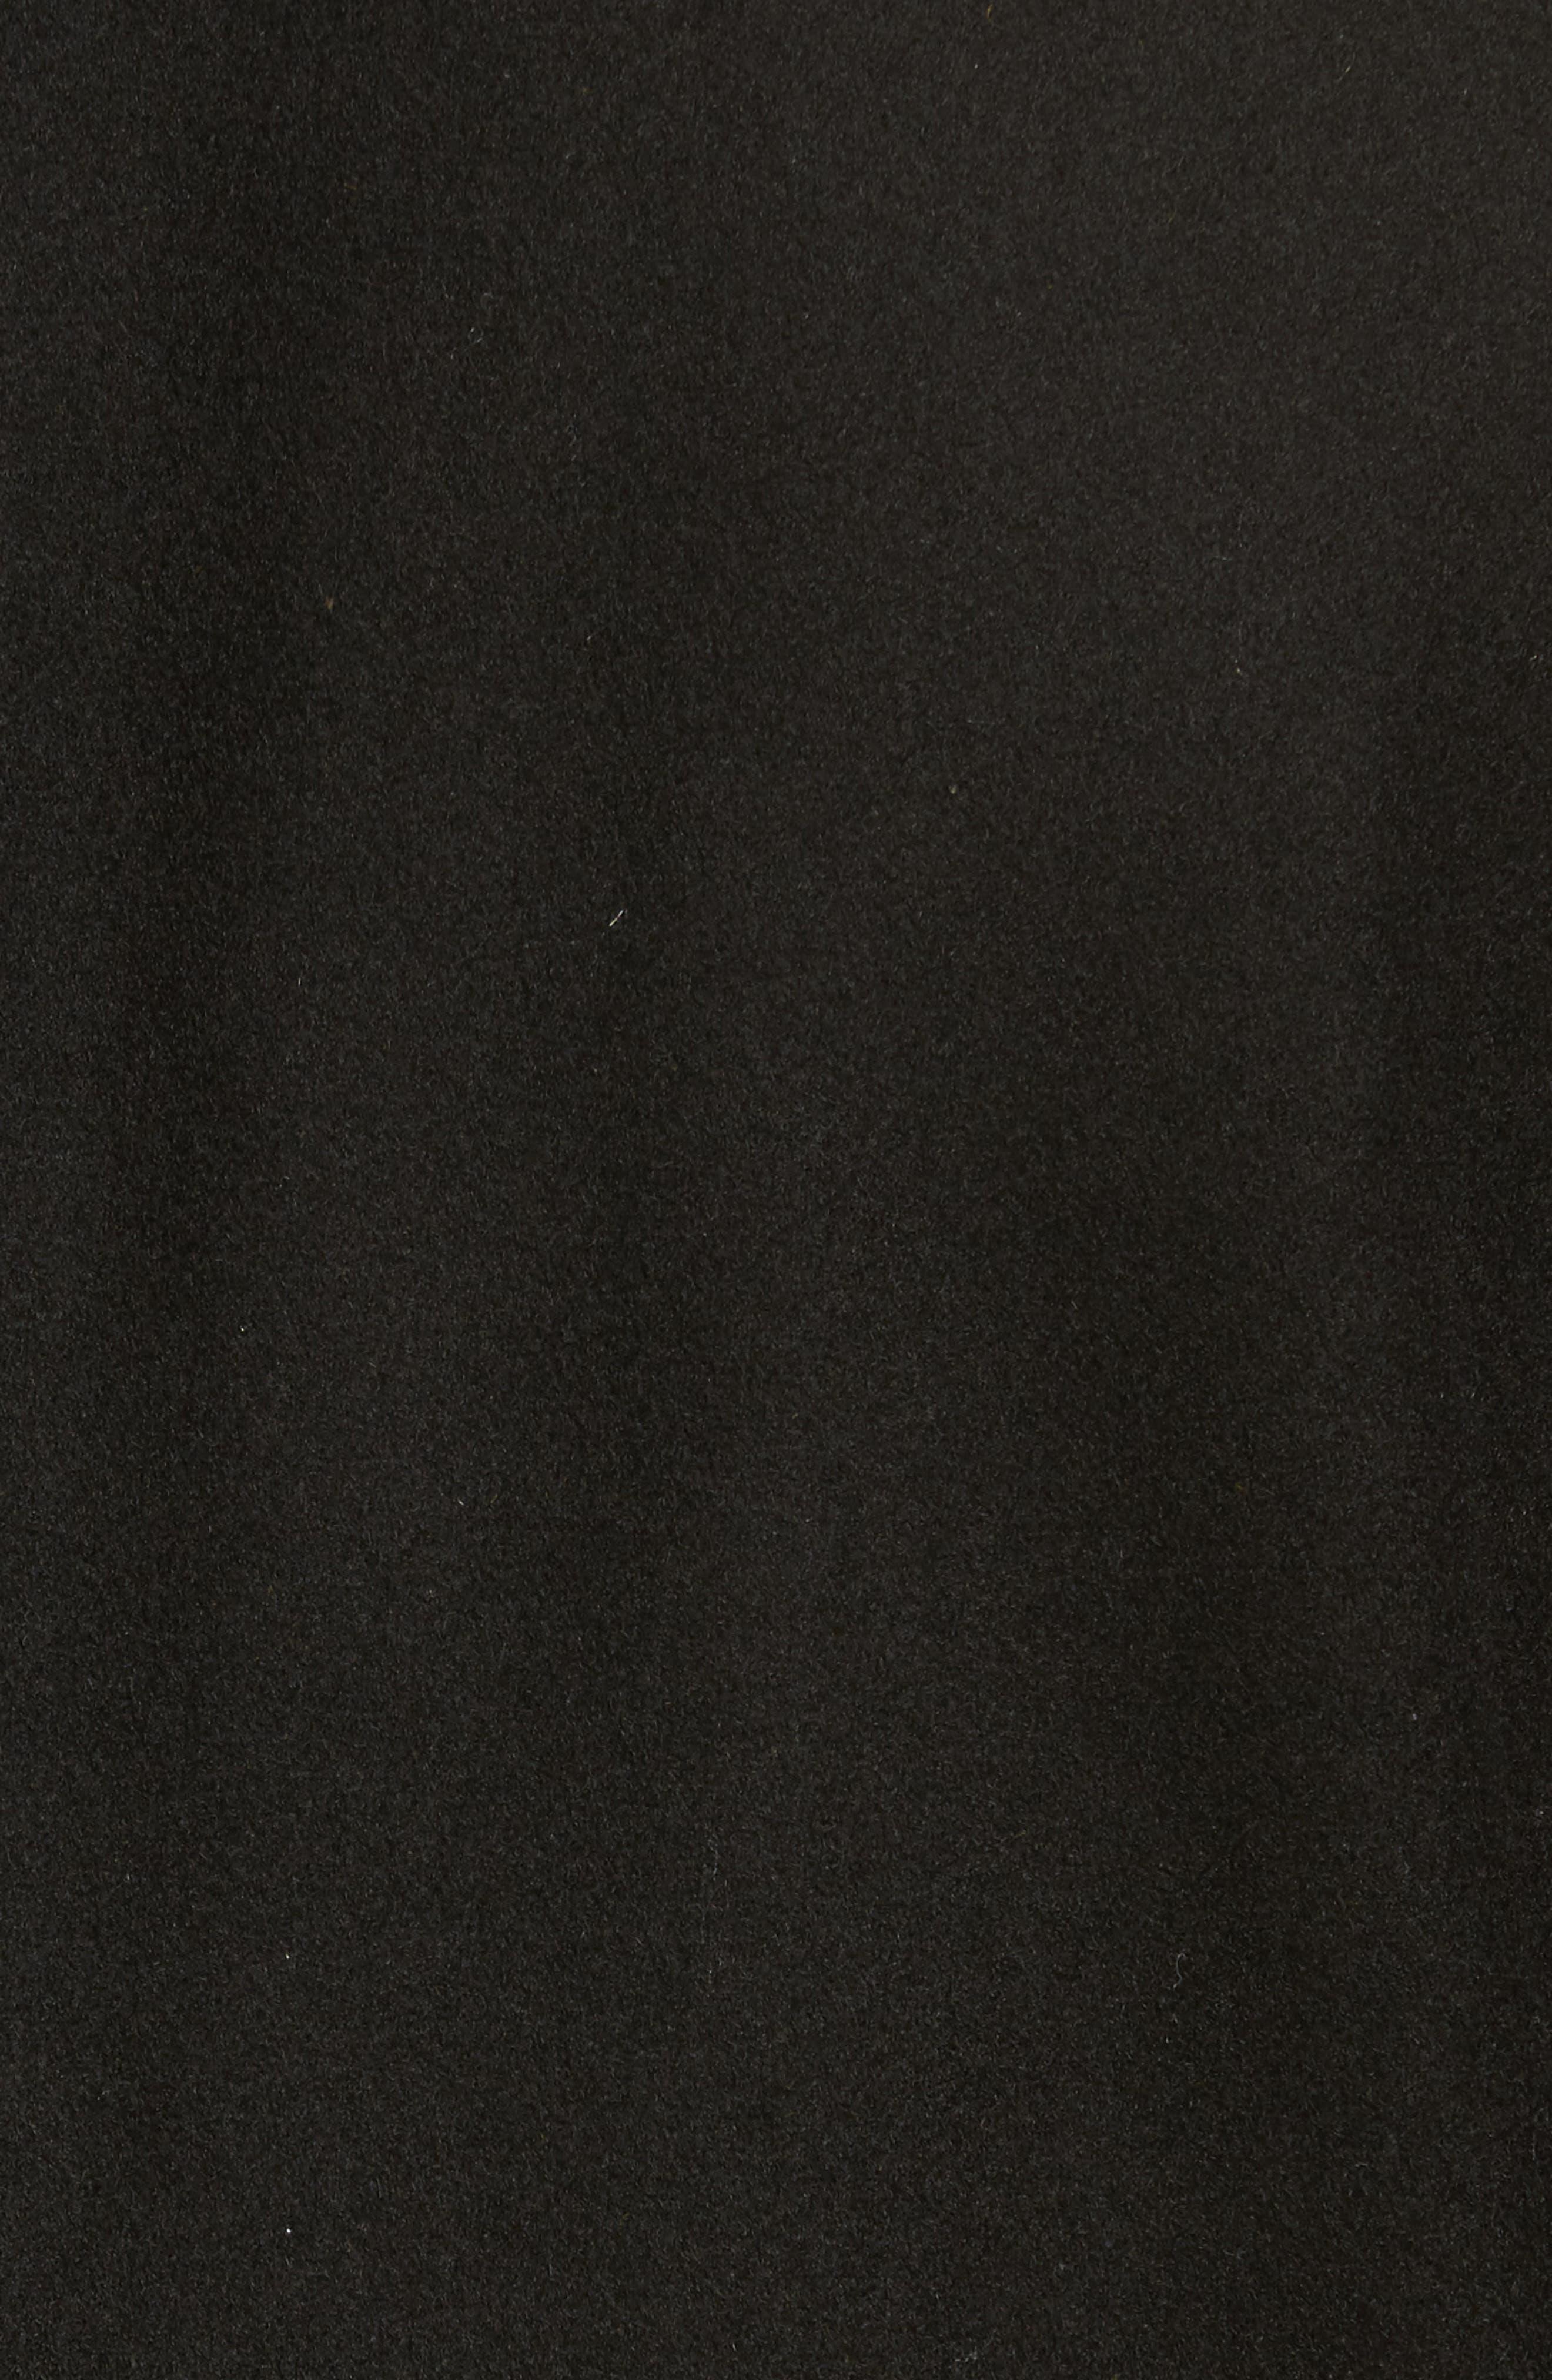 Wool Blend Overcoat,                             Alternate thumbnail 6, color,                             001